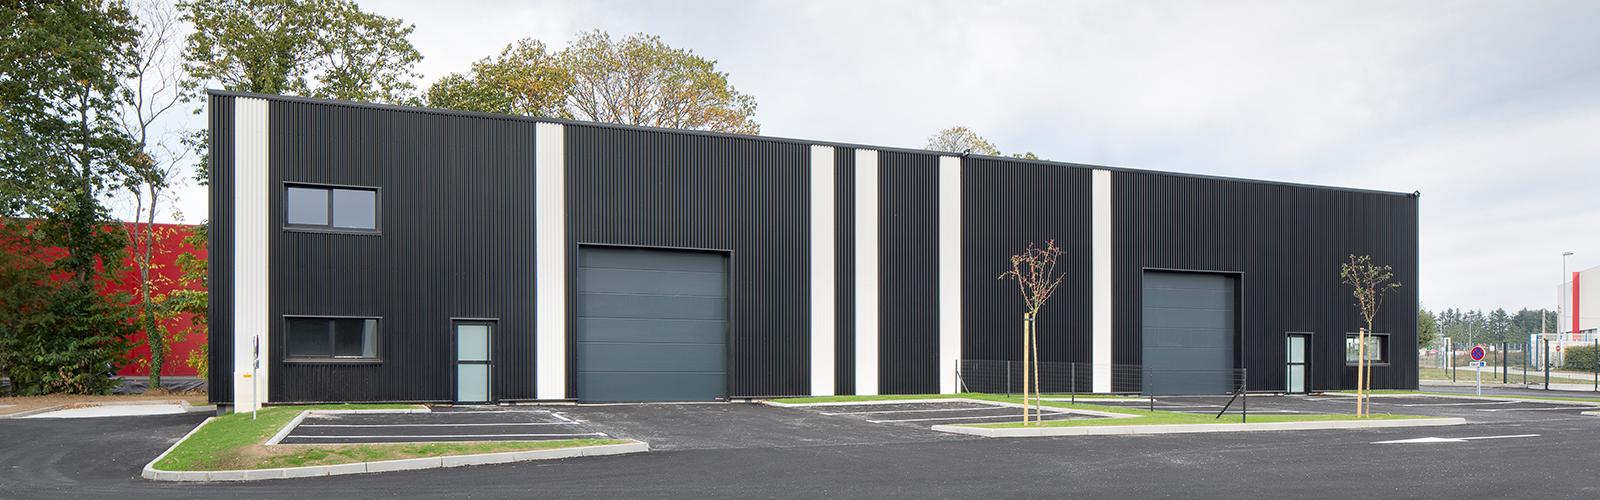 4-village-d-entreprises-edifiz-a-lorient-queven-2